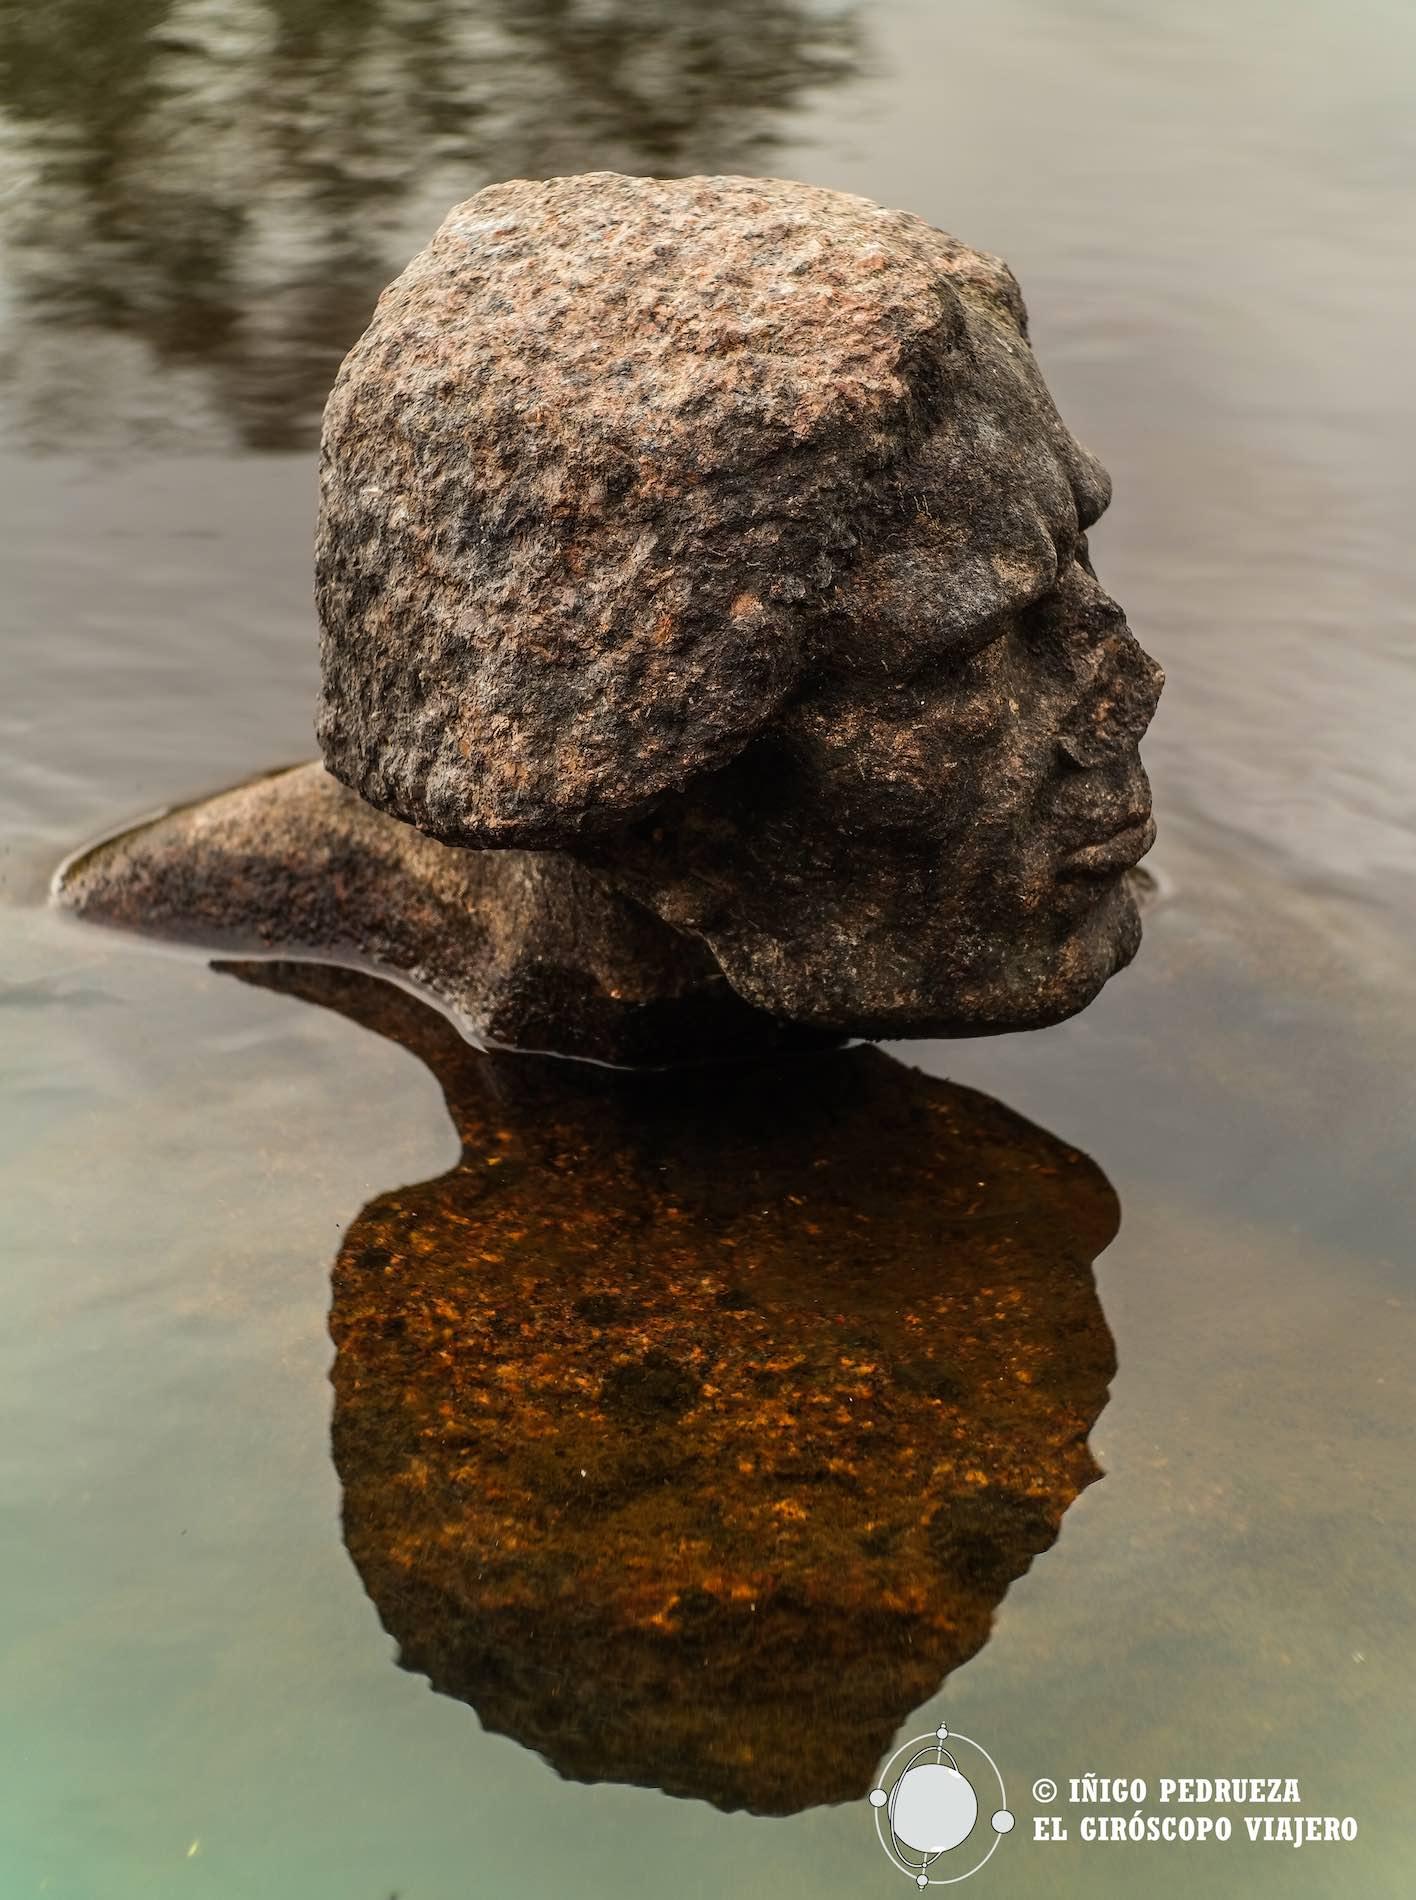 Esculturas en mitad de la naturaleza.©Iñigo Pedrueza.